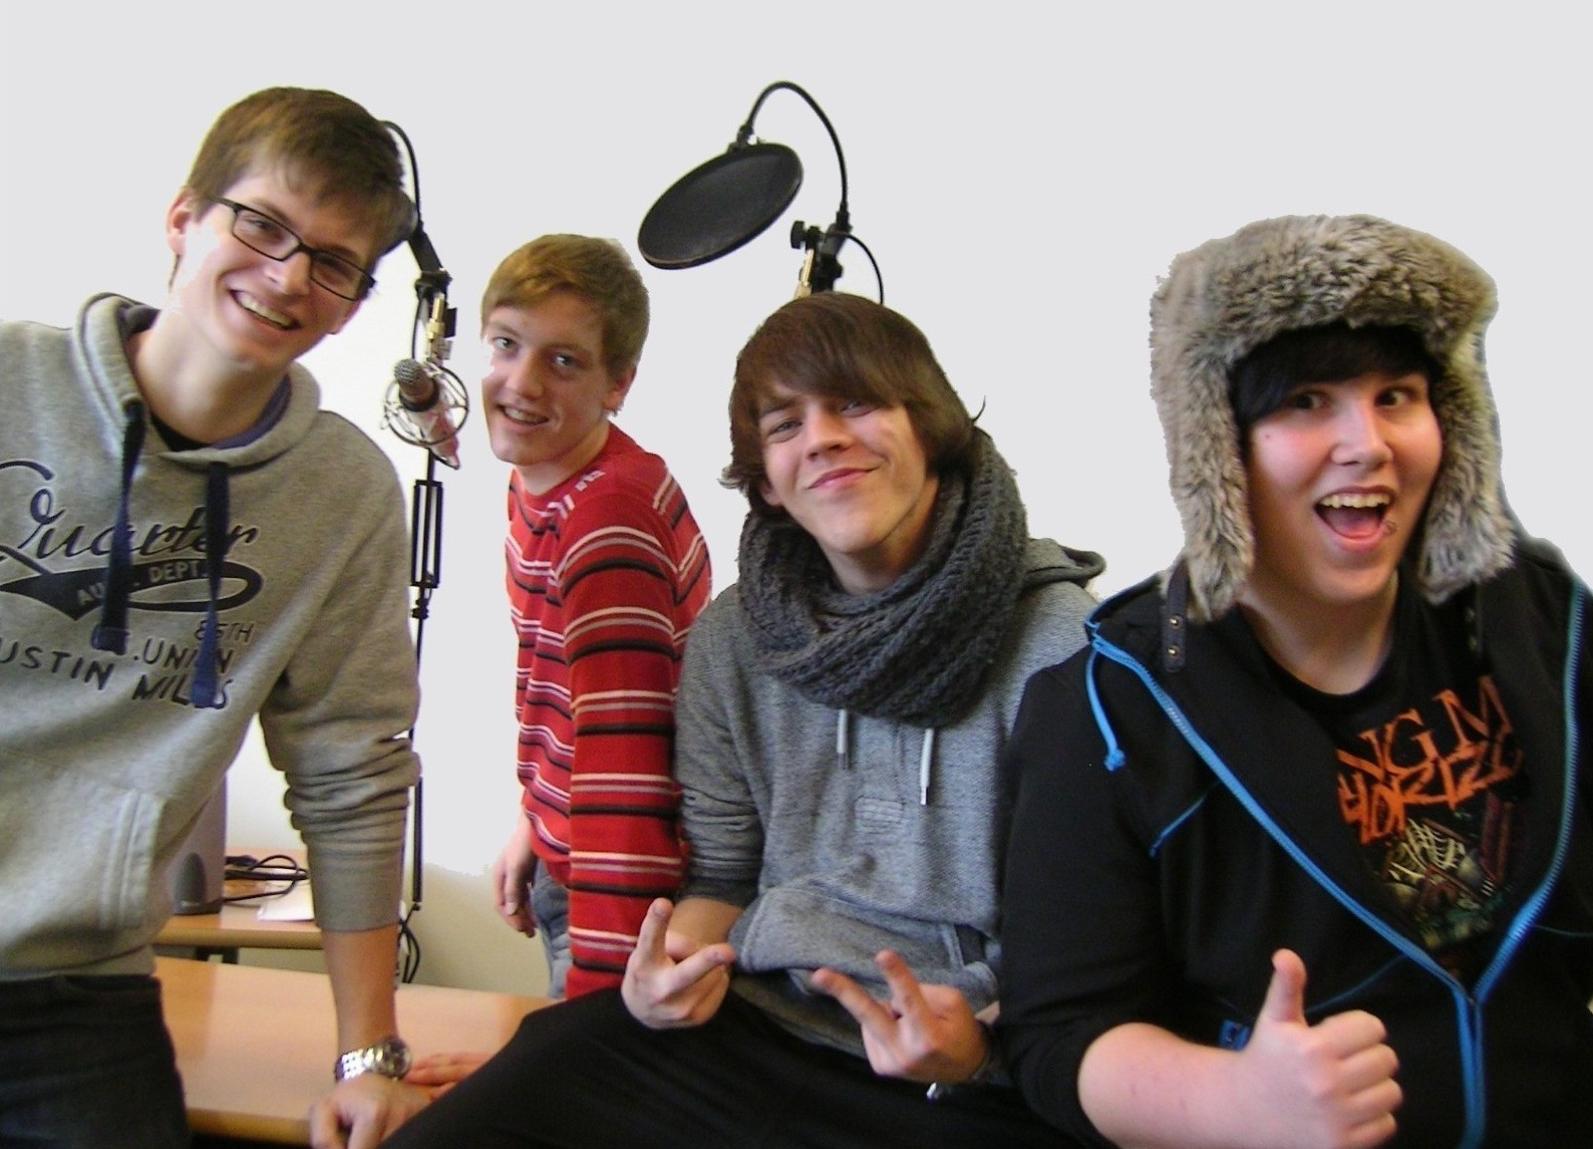 kreAKTIV - Kultur in der Lehre NÖ - LBS Pöchlarn 3.Lg 2013